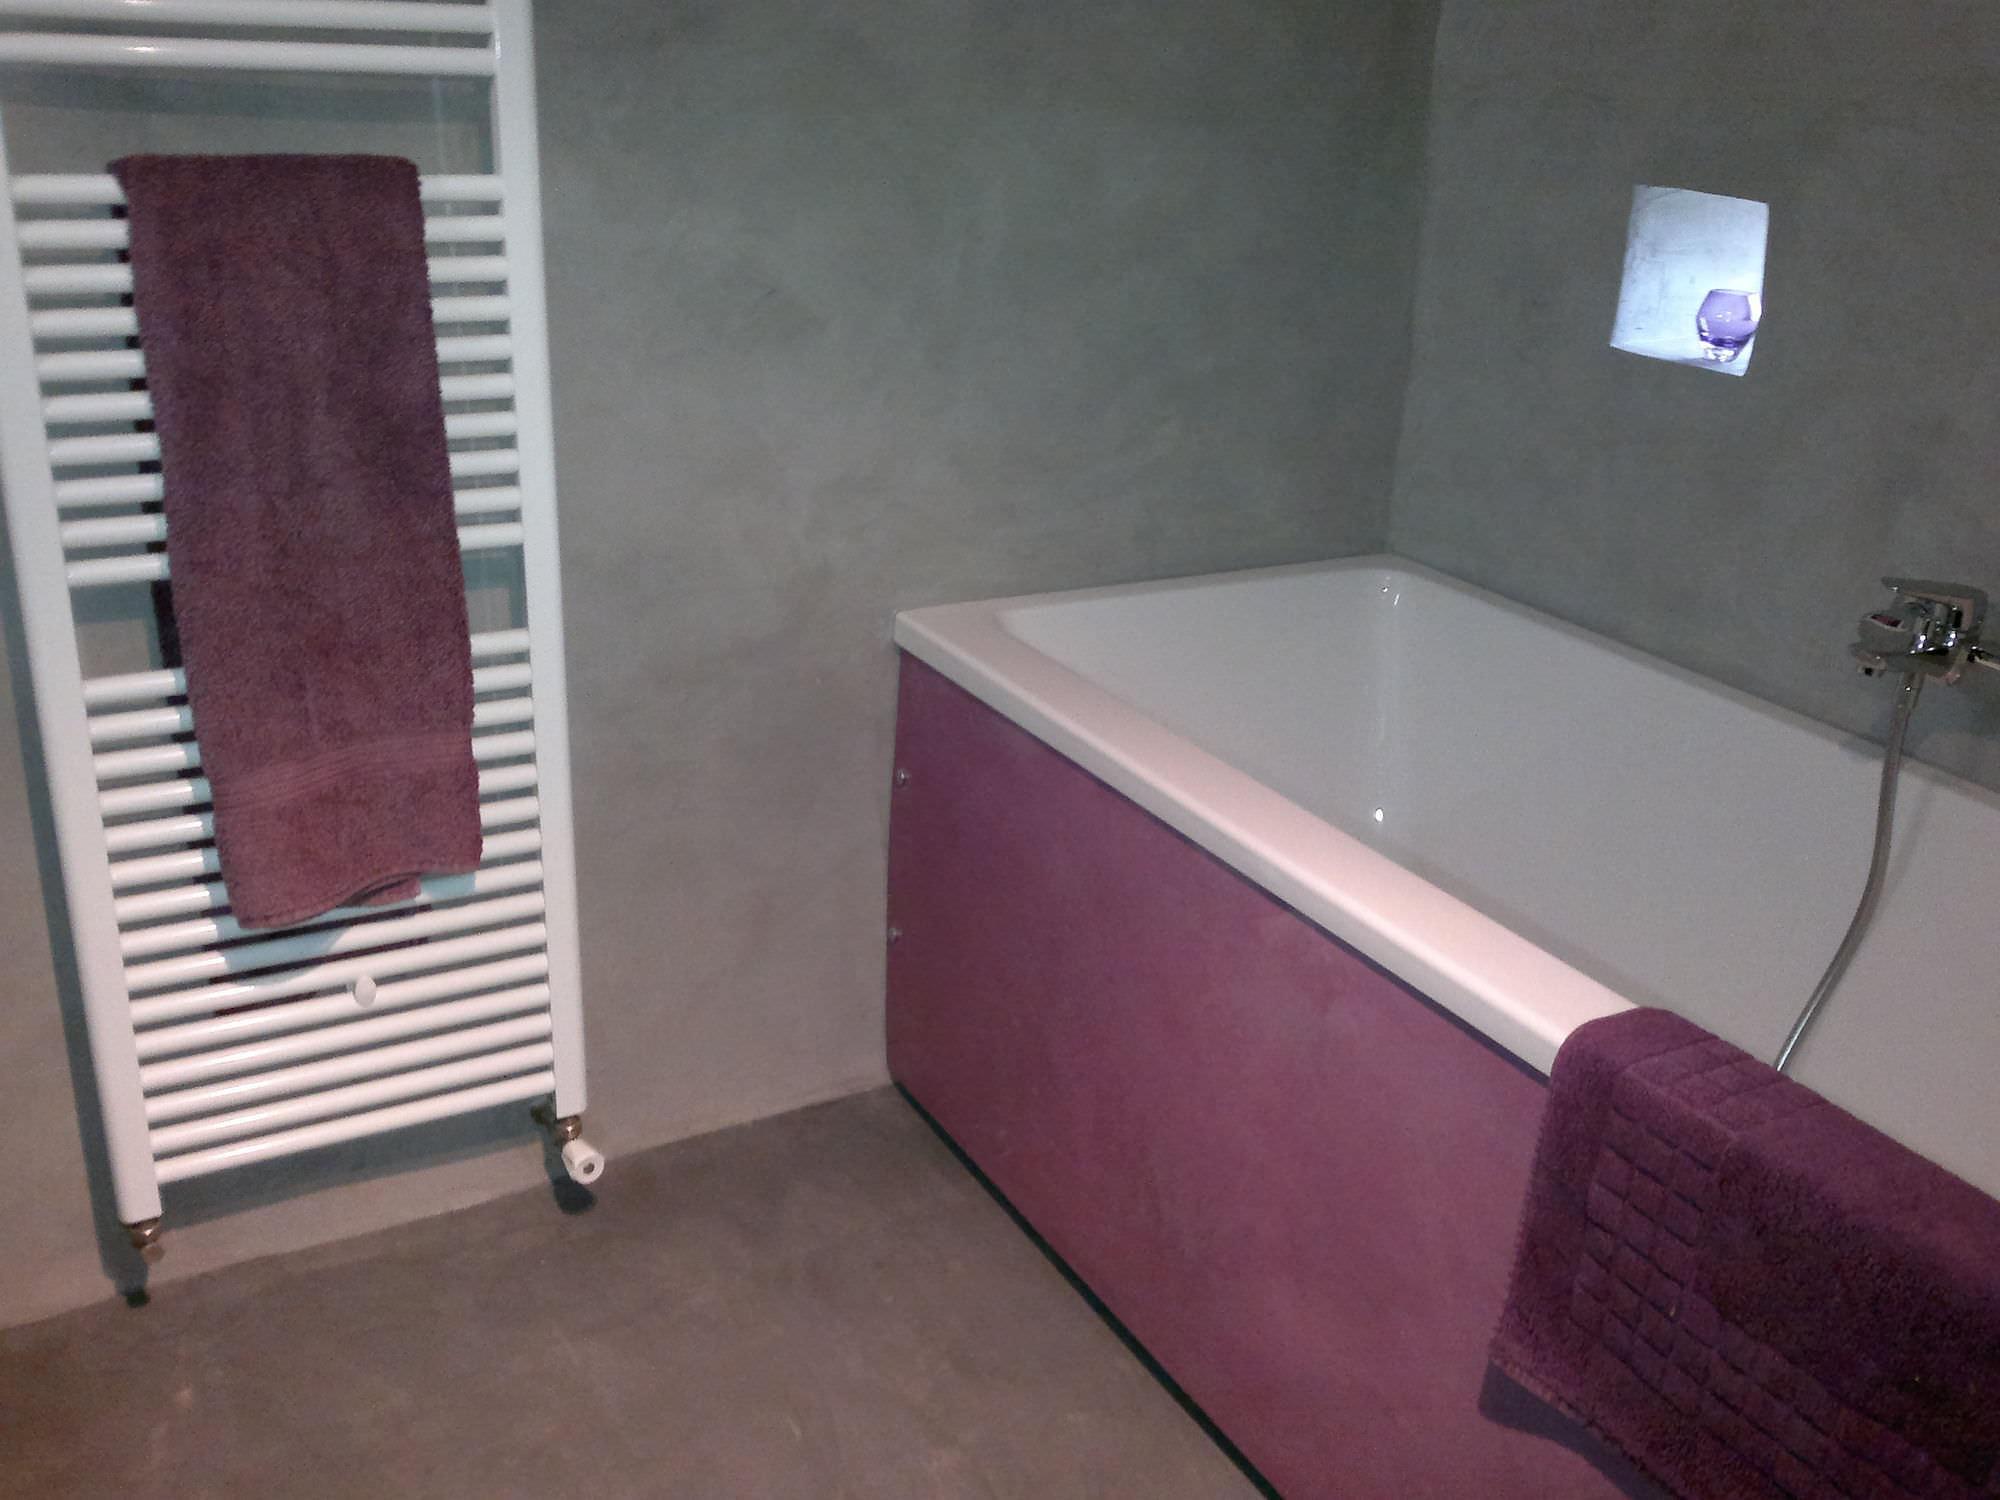 Dekorputz / Innenraum / für Wände / Zementfein - SOL / MUR ...